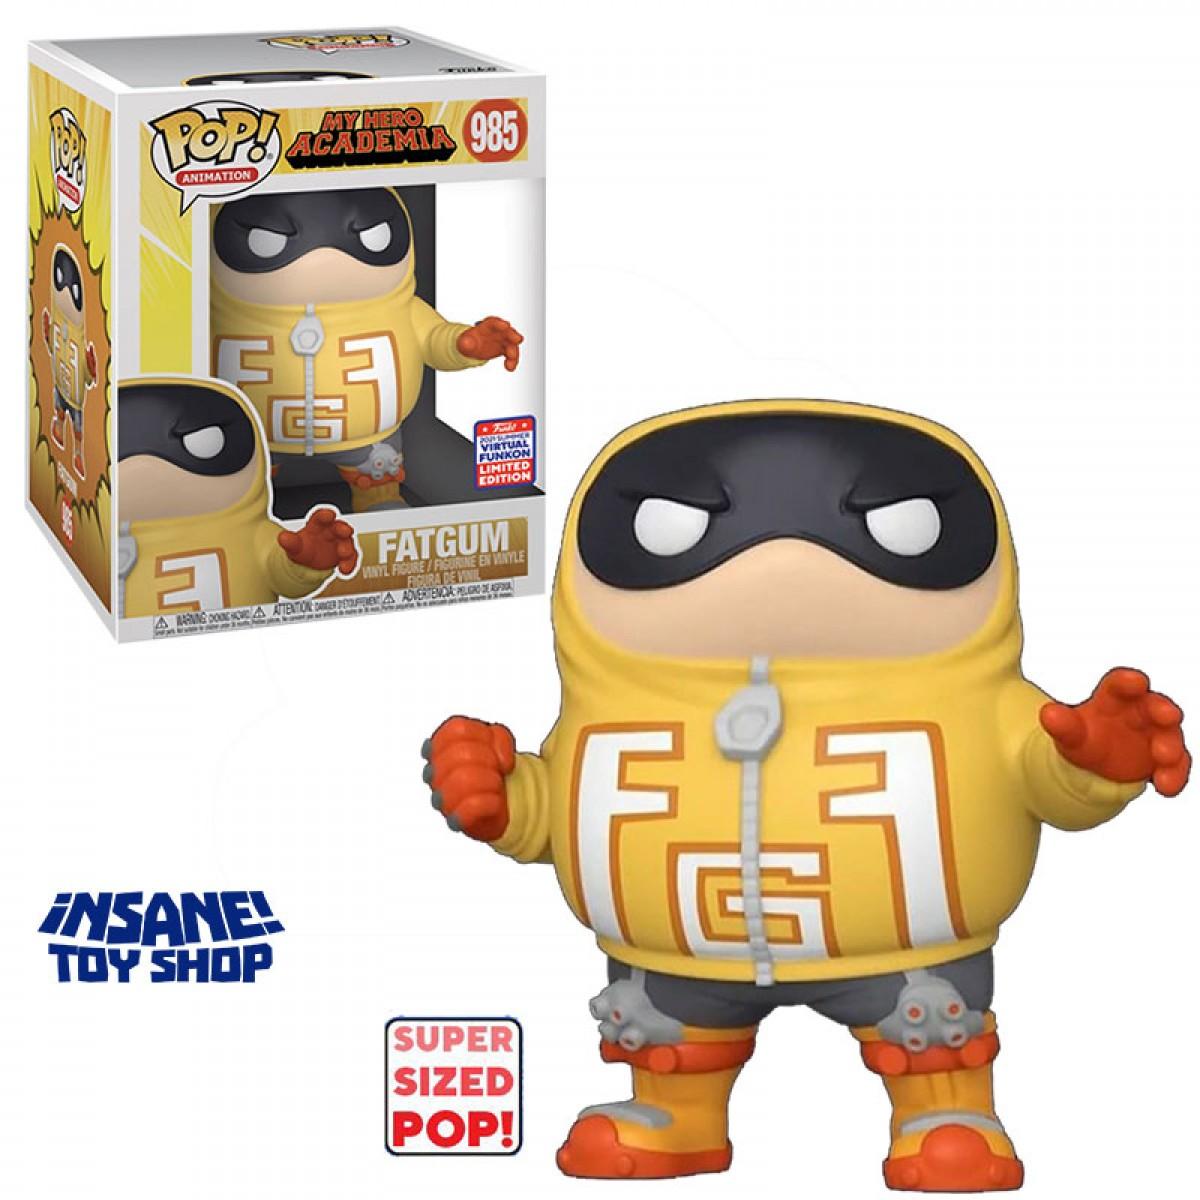 Funko Pop! Fatgum: My Hero Academia Edição Limitada Limited Edition SDCC 2021 #985- Funko